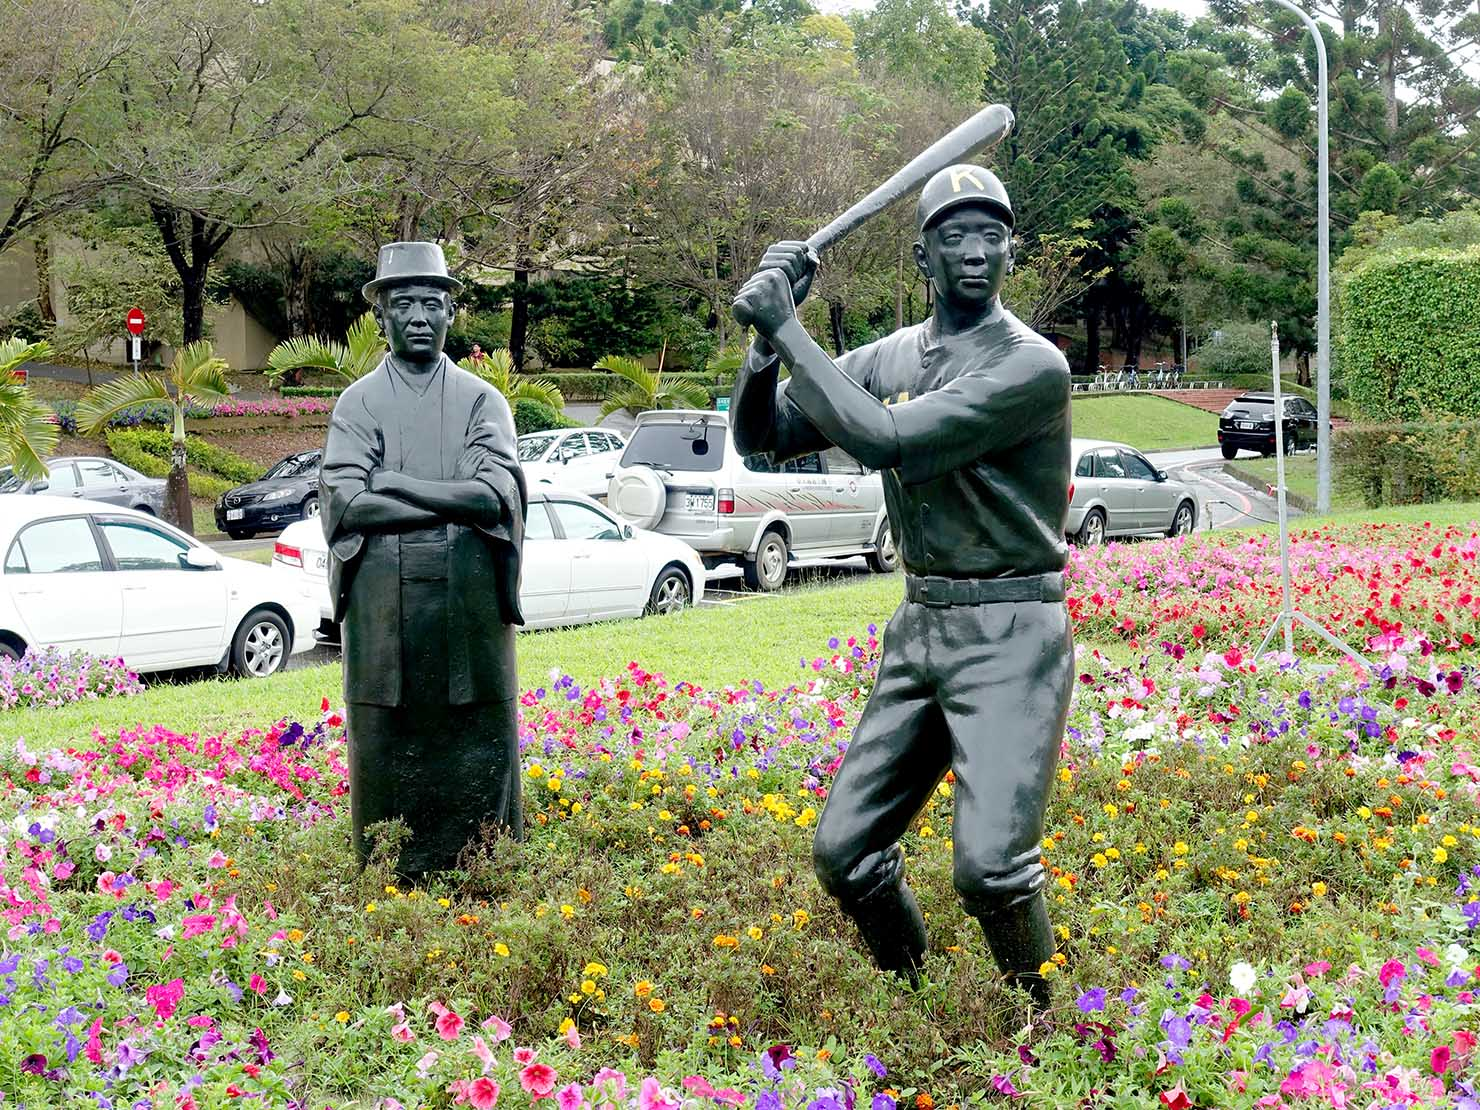 嘉義のおすすめ観光スポット「國立嘉義大學(蘭潭校區)」に置かれた先生と選手の銅像